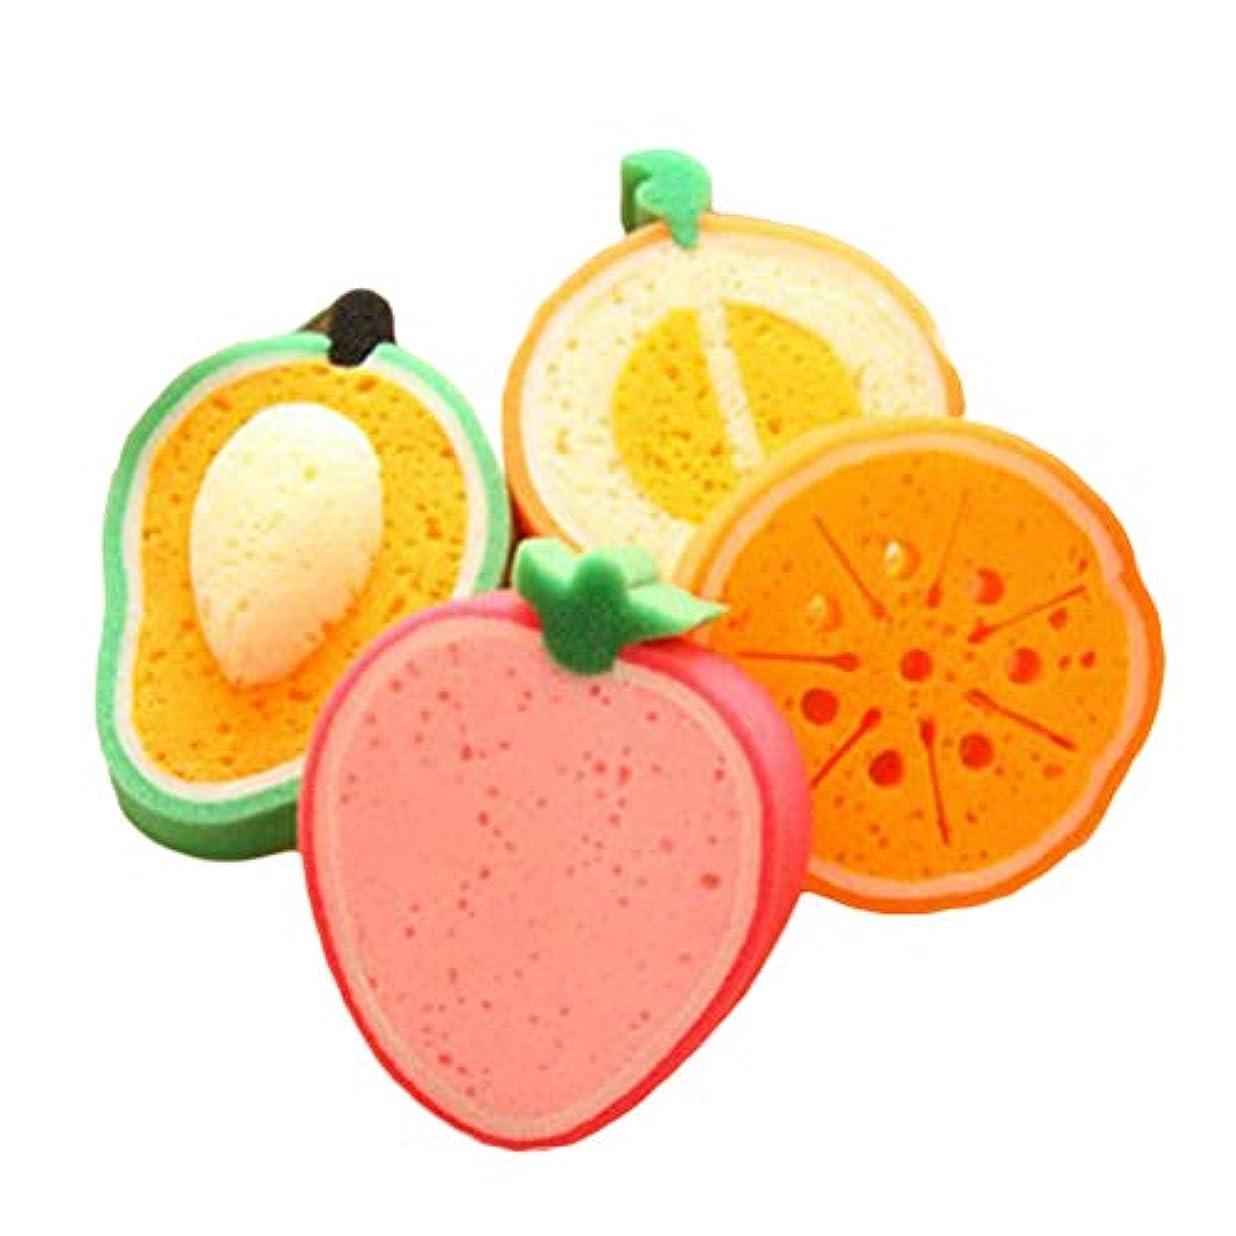 幹趣味カートHEALIFTY 4本のベイビーバススポンジ、マンゴーの4つのファンキーフルーツスポンジセットハニー?ドウ?メロンオレンジとストロベリー